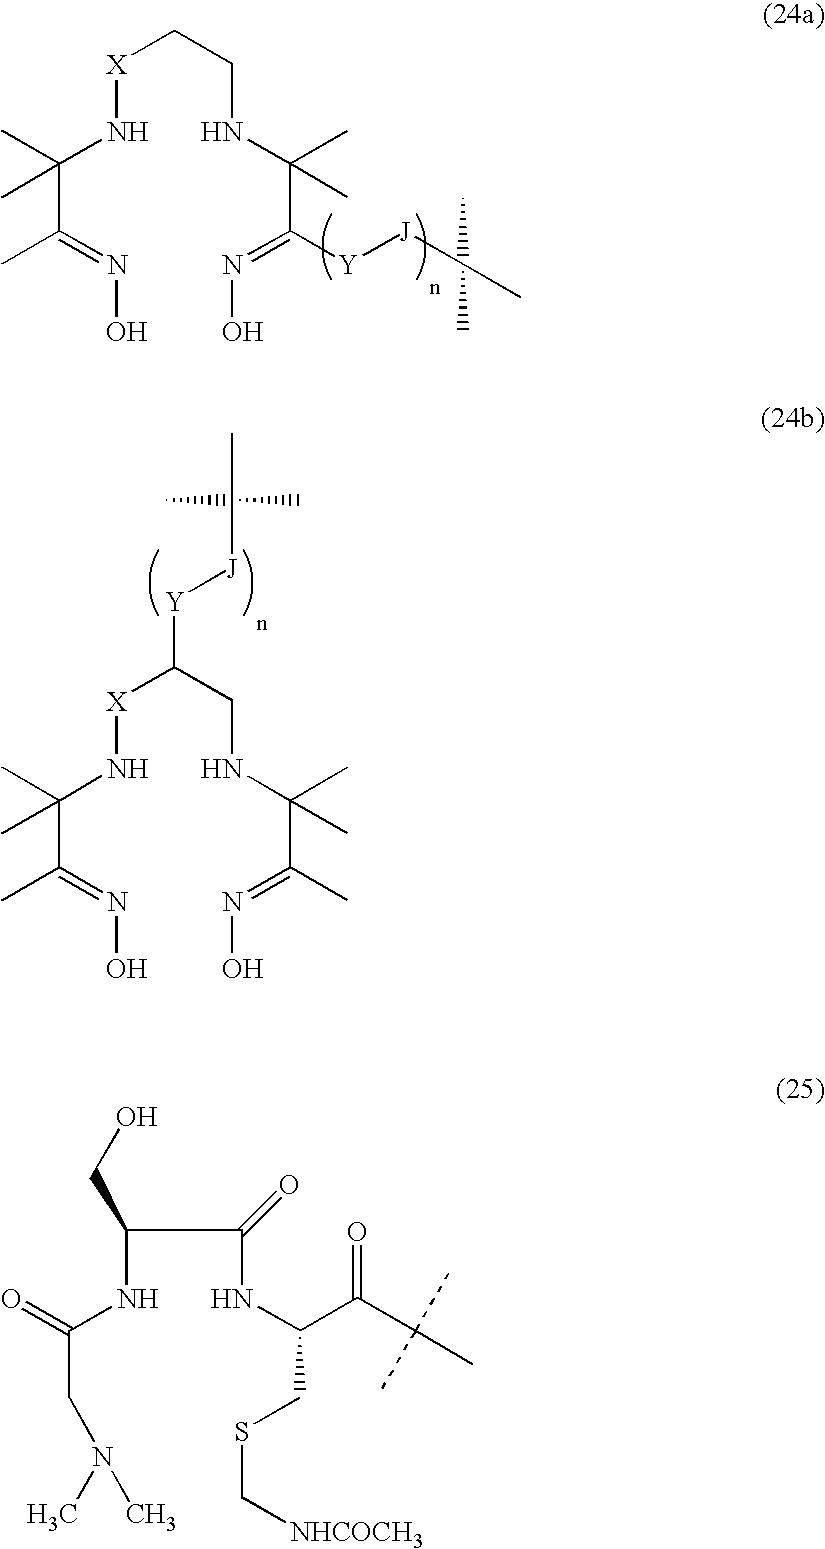 Figure US07666979-20100223-C00010